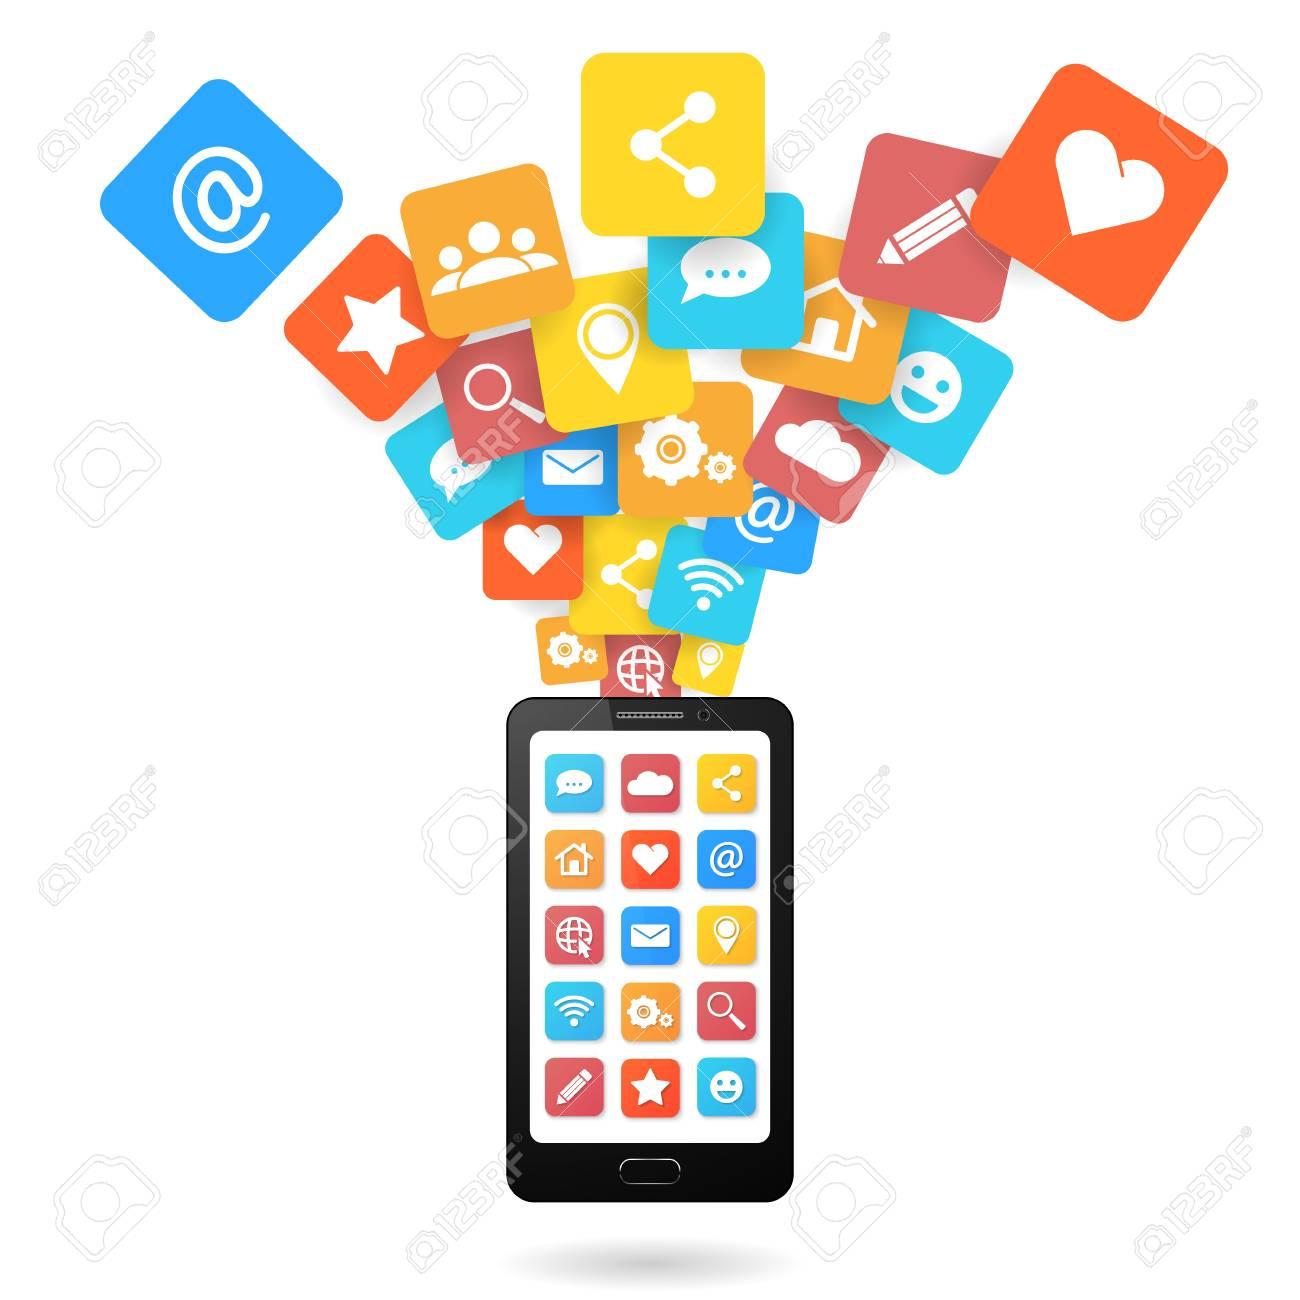 9e184dfd06a Conjunto de iconos de redes sociales con teléfono inteligente. Estilo de  diseño plano. Aislado